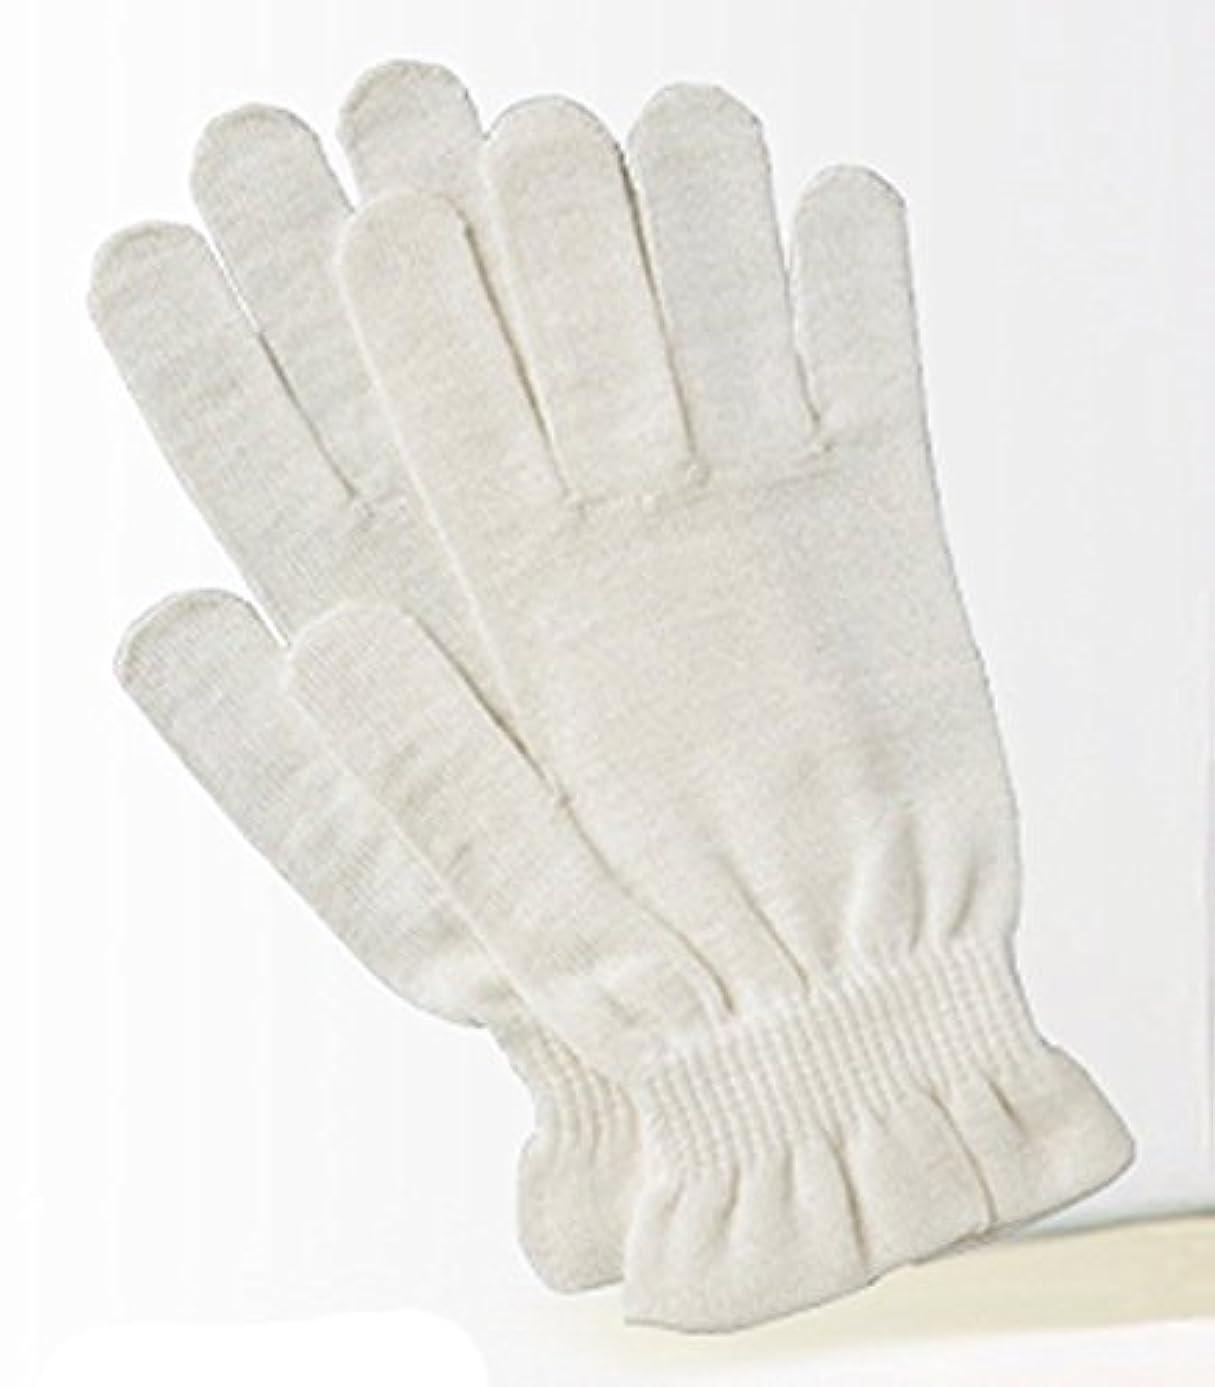 腕ガチョウ駅京都西陣の絹糸屋さんのシルク手袋